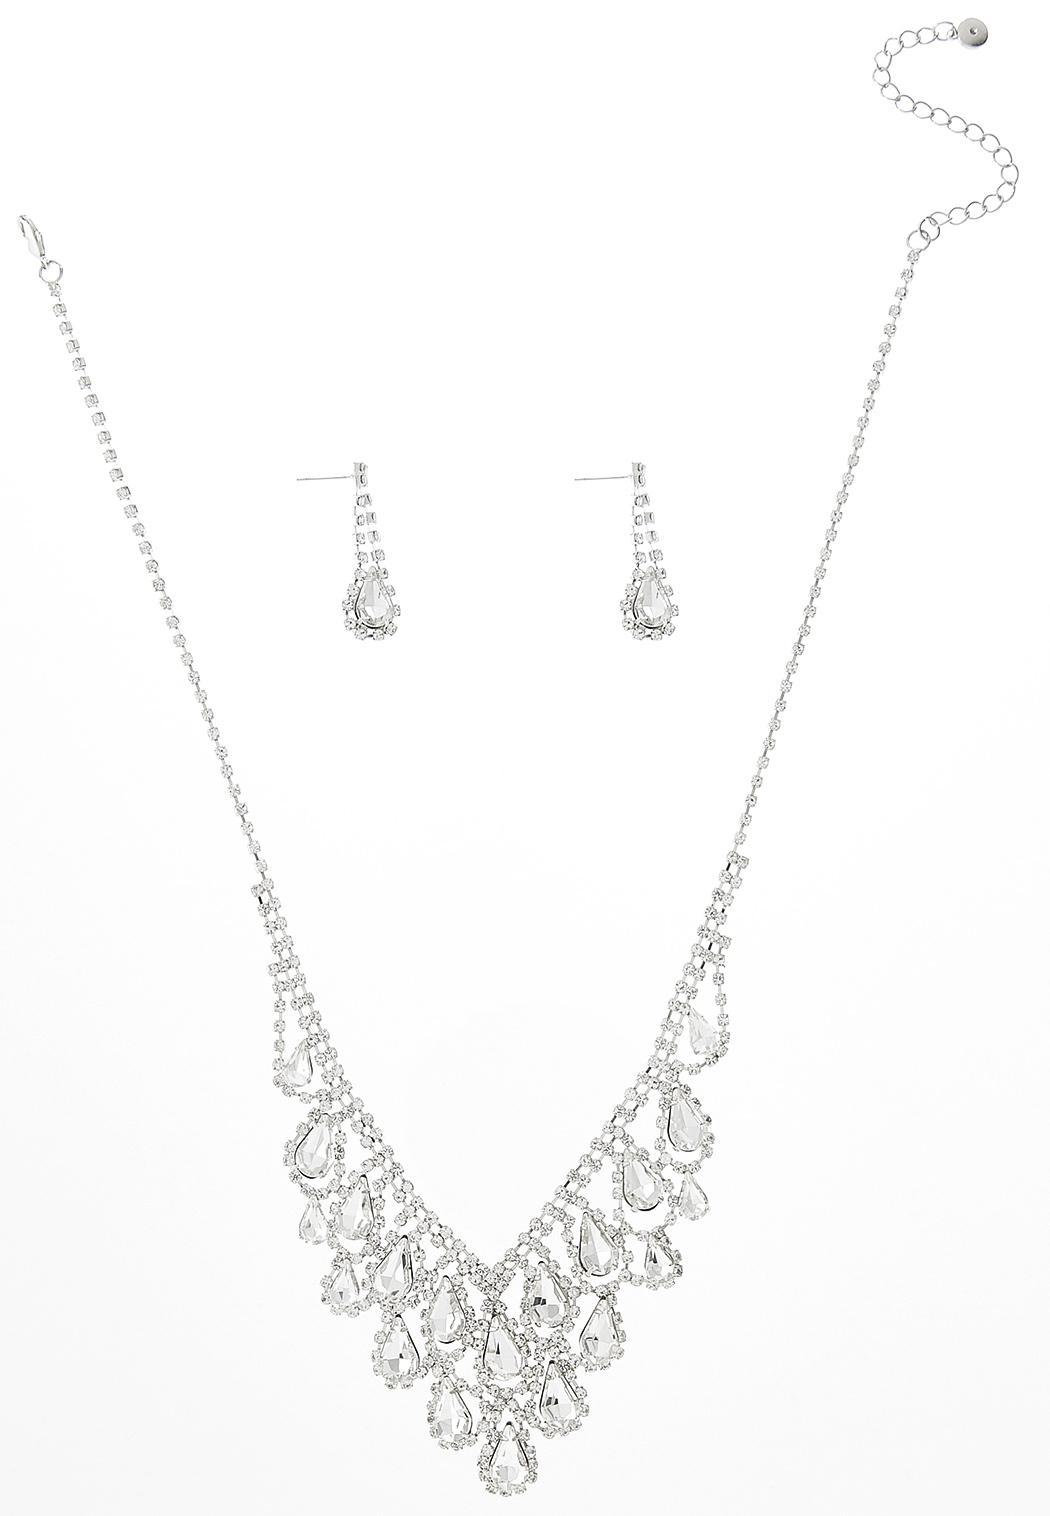 Tear Stone Bib Necklace Earring Set